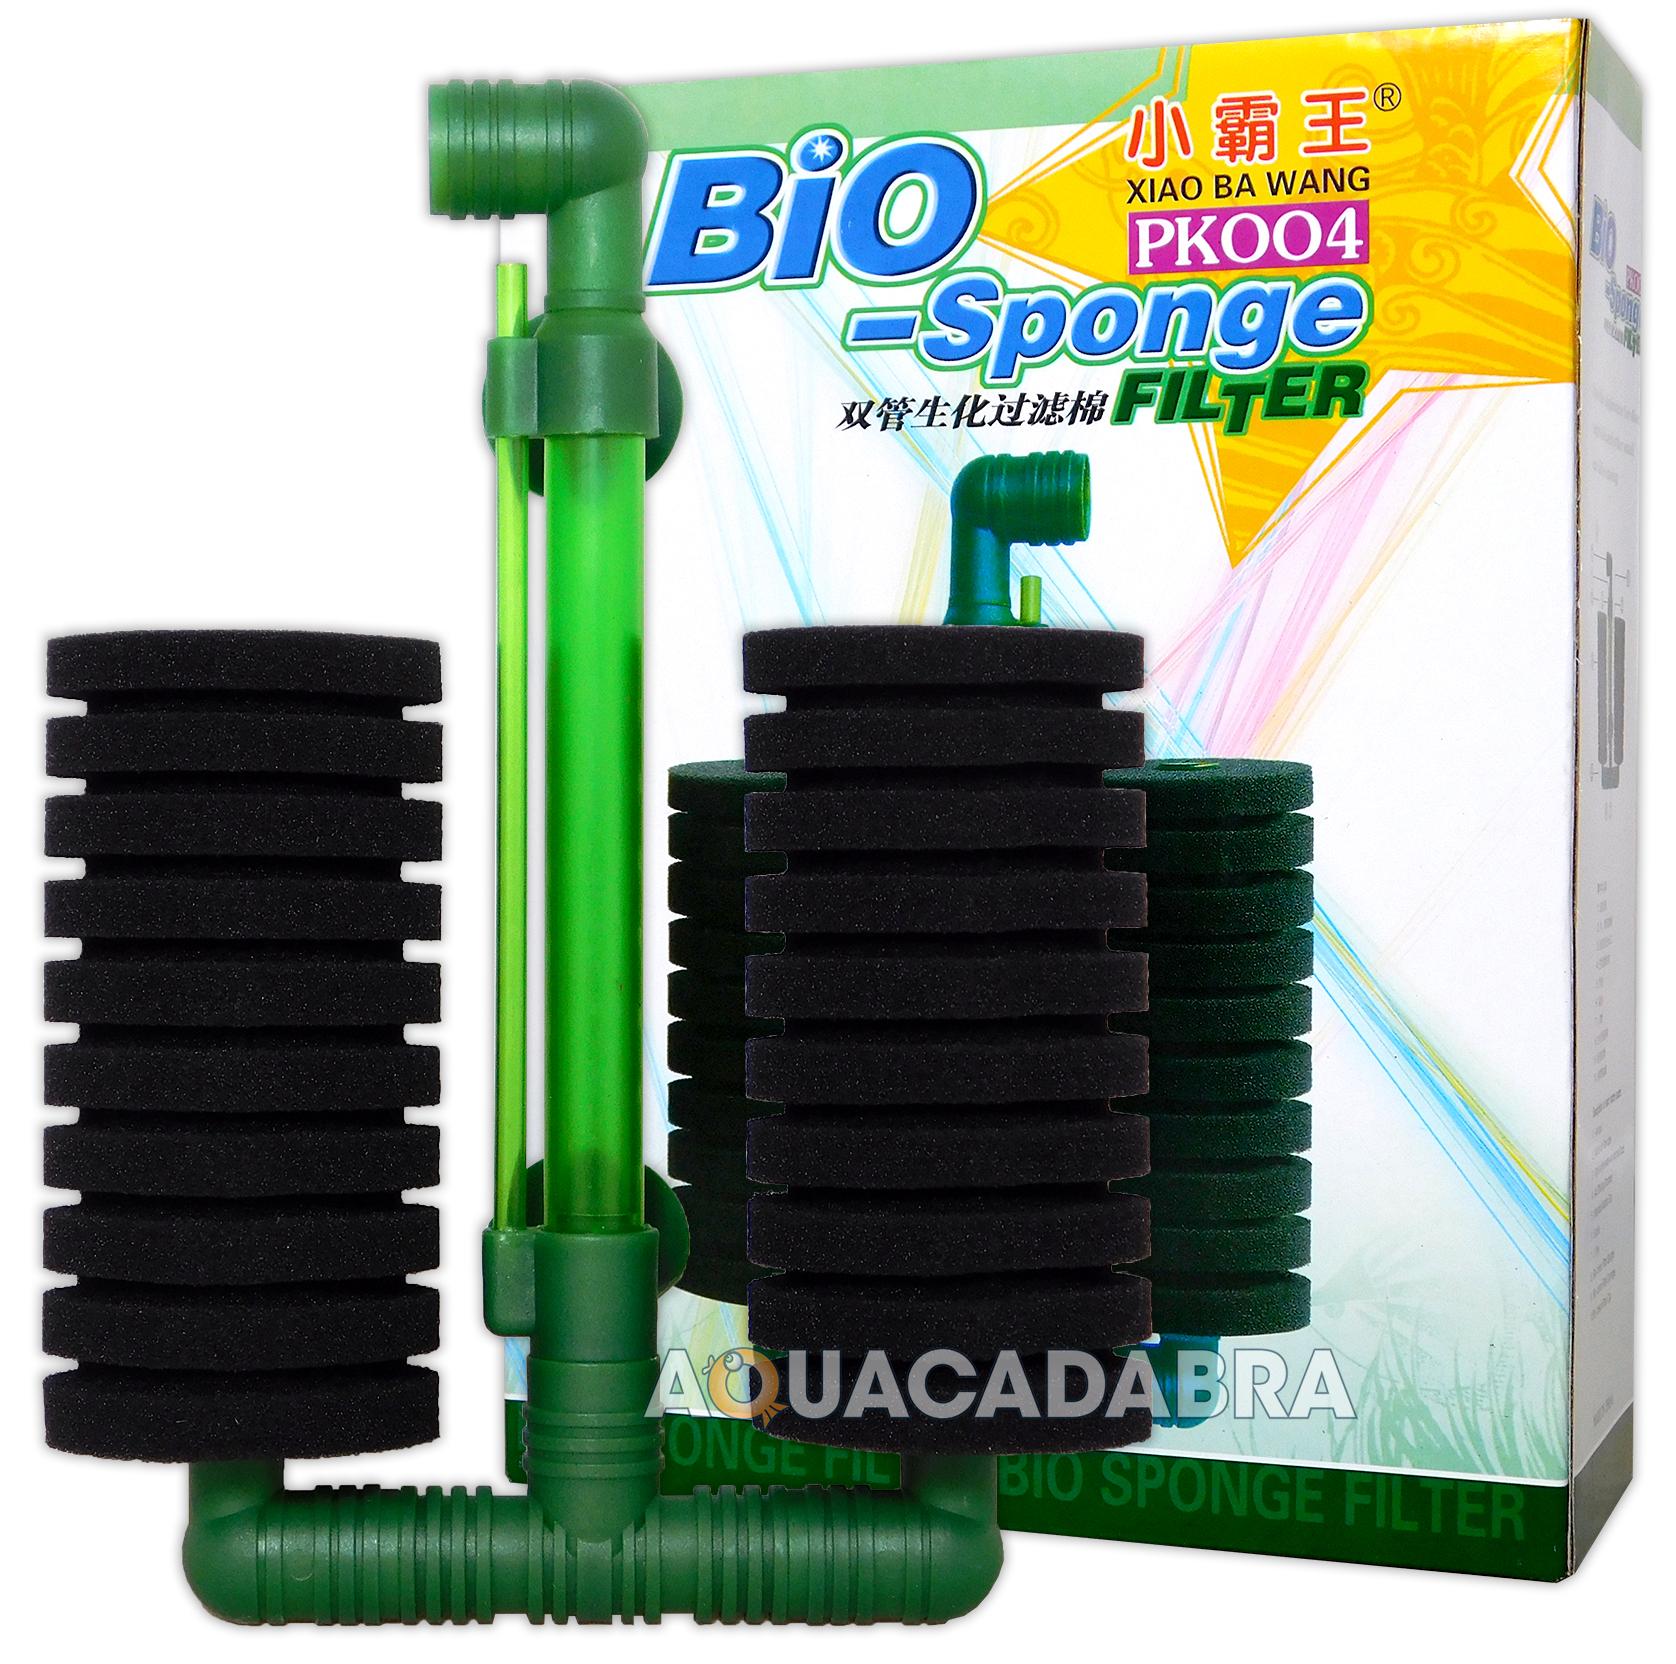 Aquacadabra Bio Foam Sponge Filters In Aquarium Small Fry